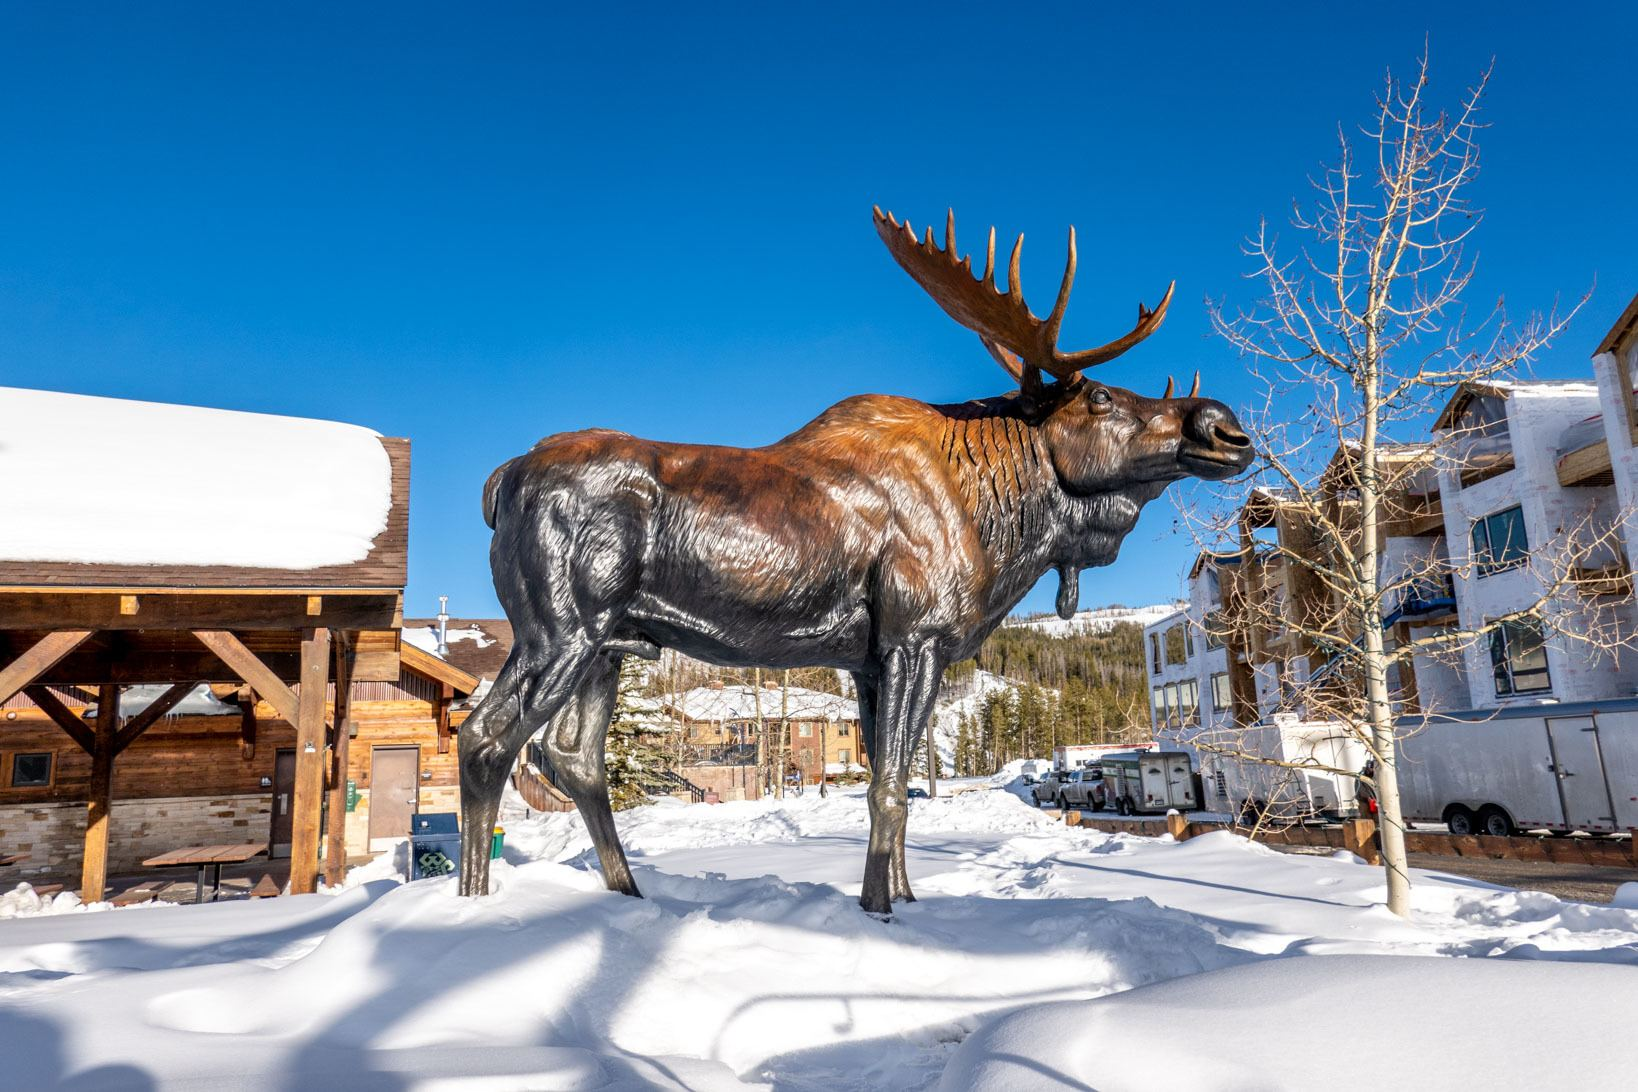 Moose sculpture in downtown Winter Park Colorado